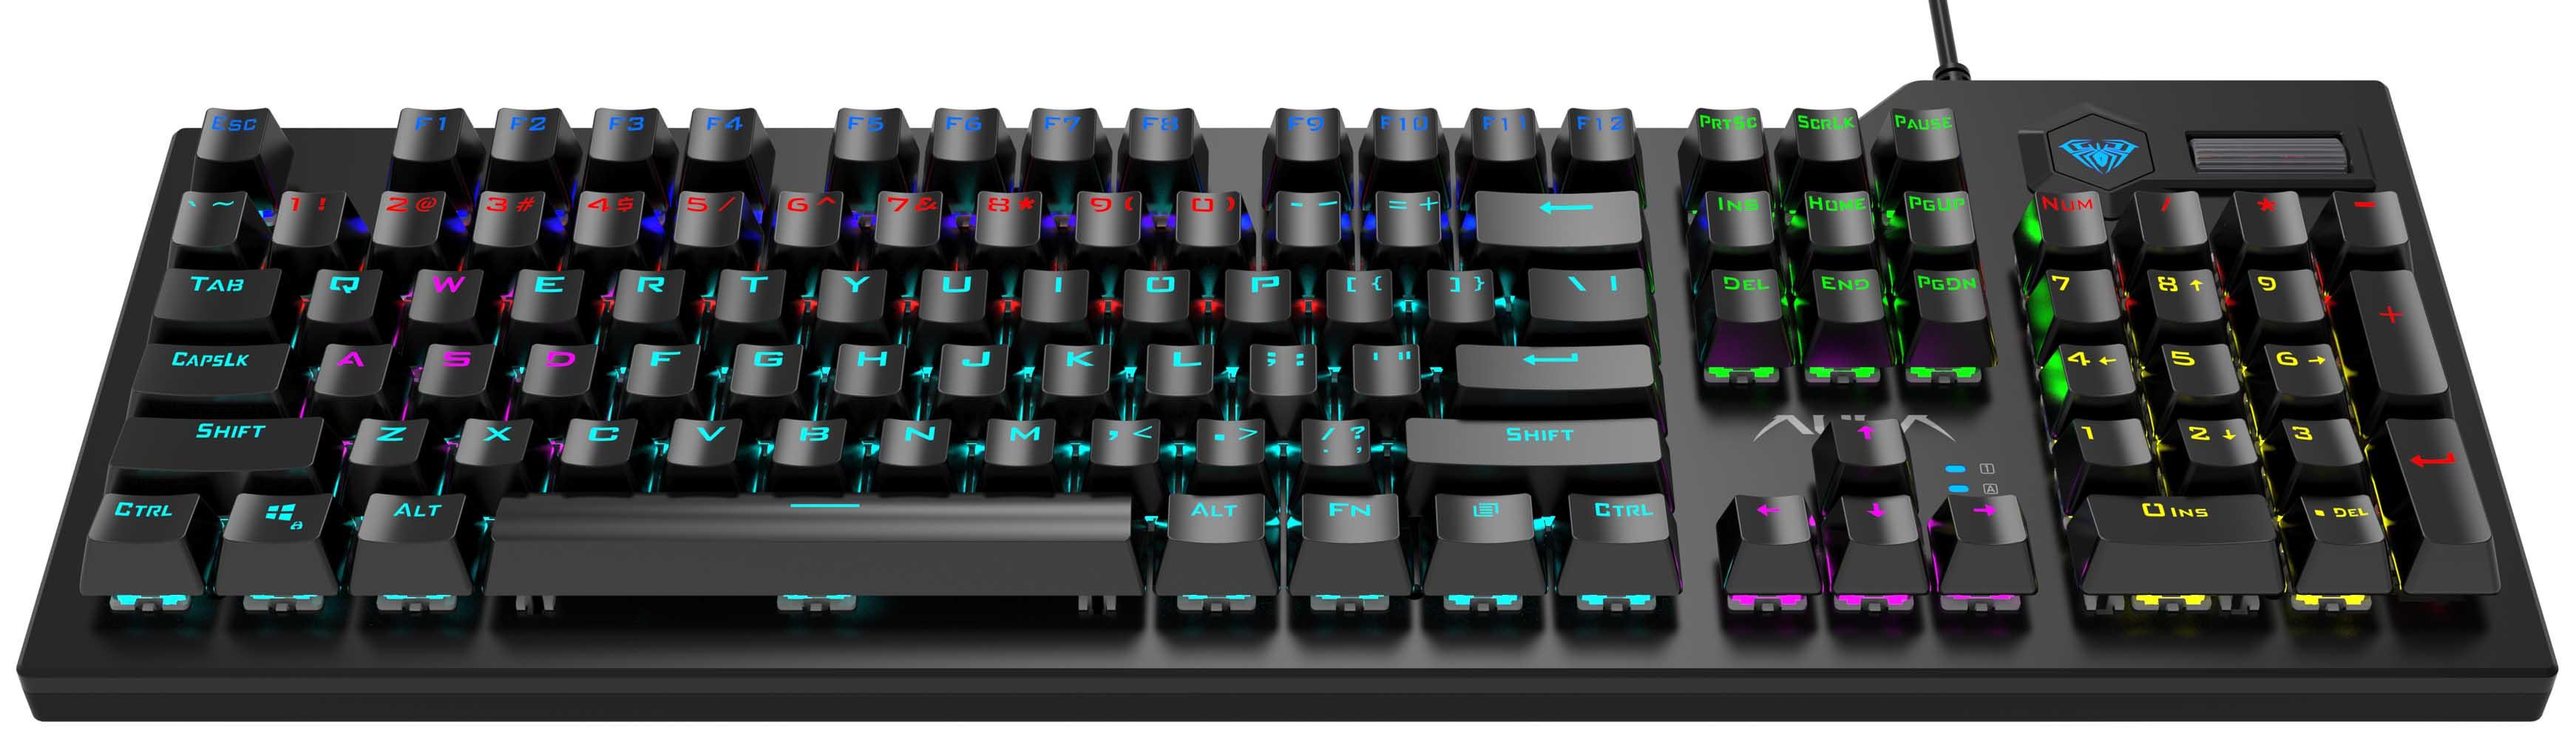 AULA μηχανικό πληκτρολόγιο AUL-F2063, RGB, blue switch, μαύρο-γκρι - AULA 36559